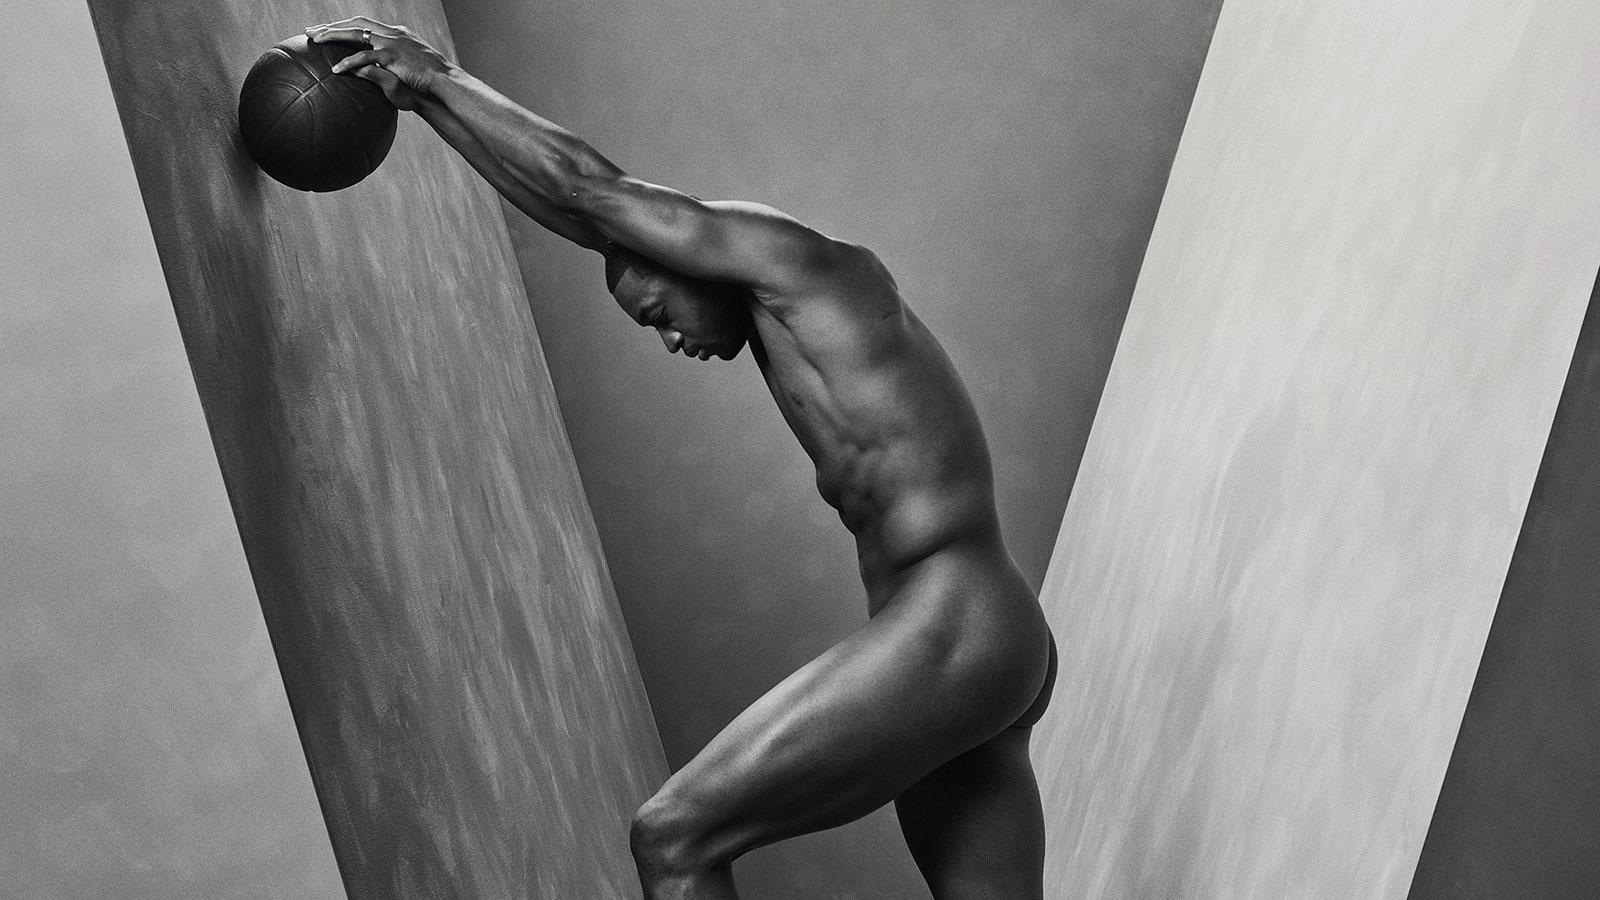 Dwyane Wade. В ежегодной фотосессии Body Issue для журнала ESPN приняли участие 20 известных спортсменов